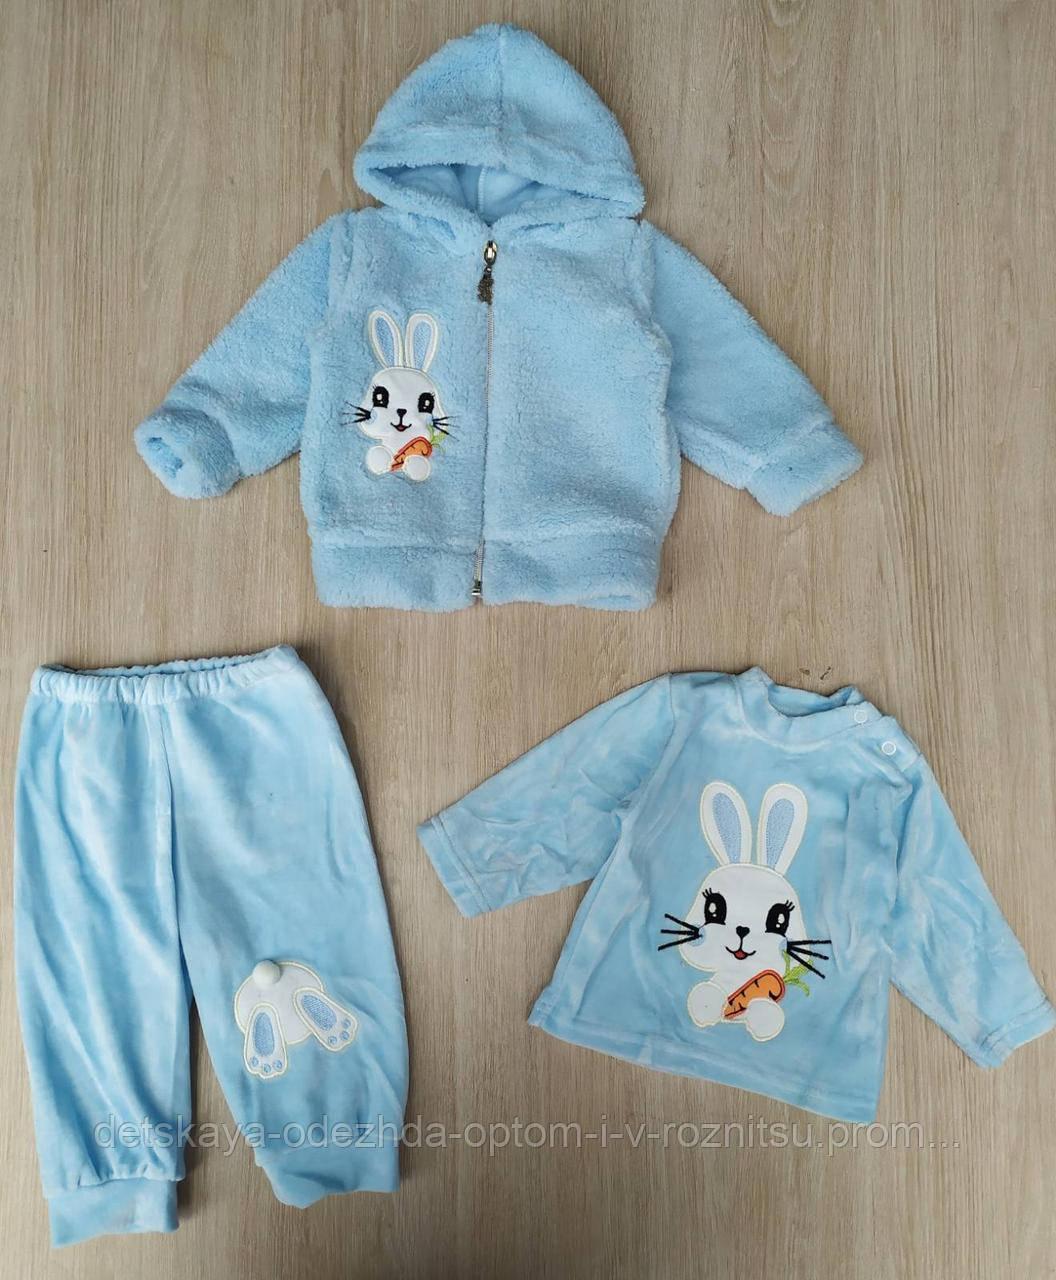 Костюм детский La Pera 1-2-3 года, велюр+велсофт, голубой